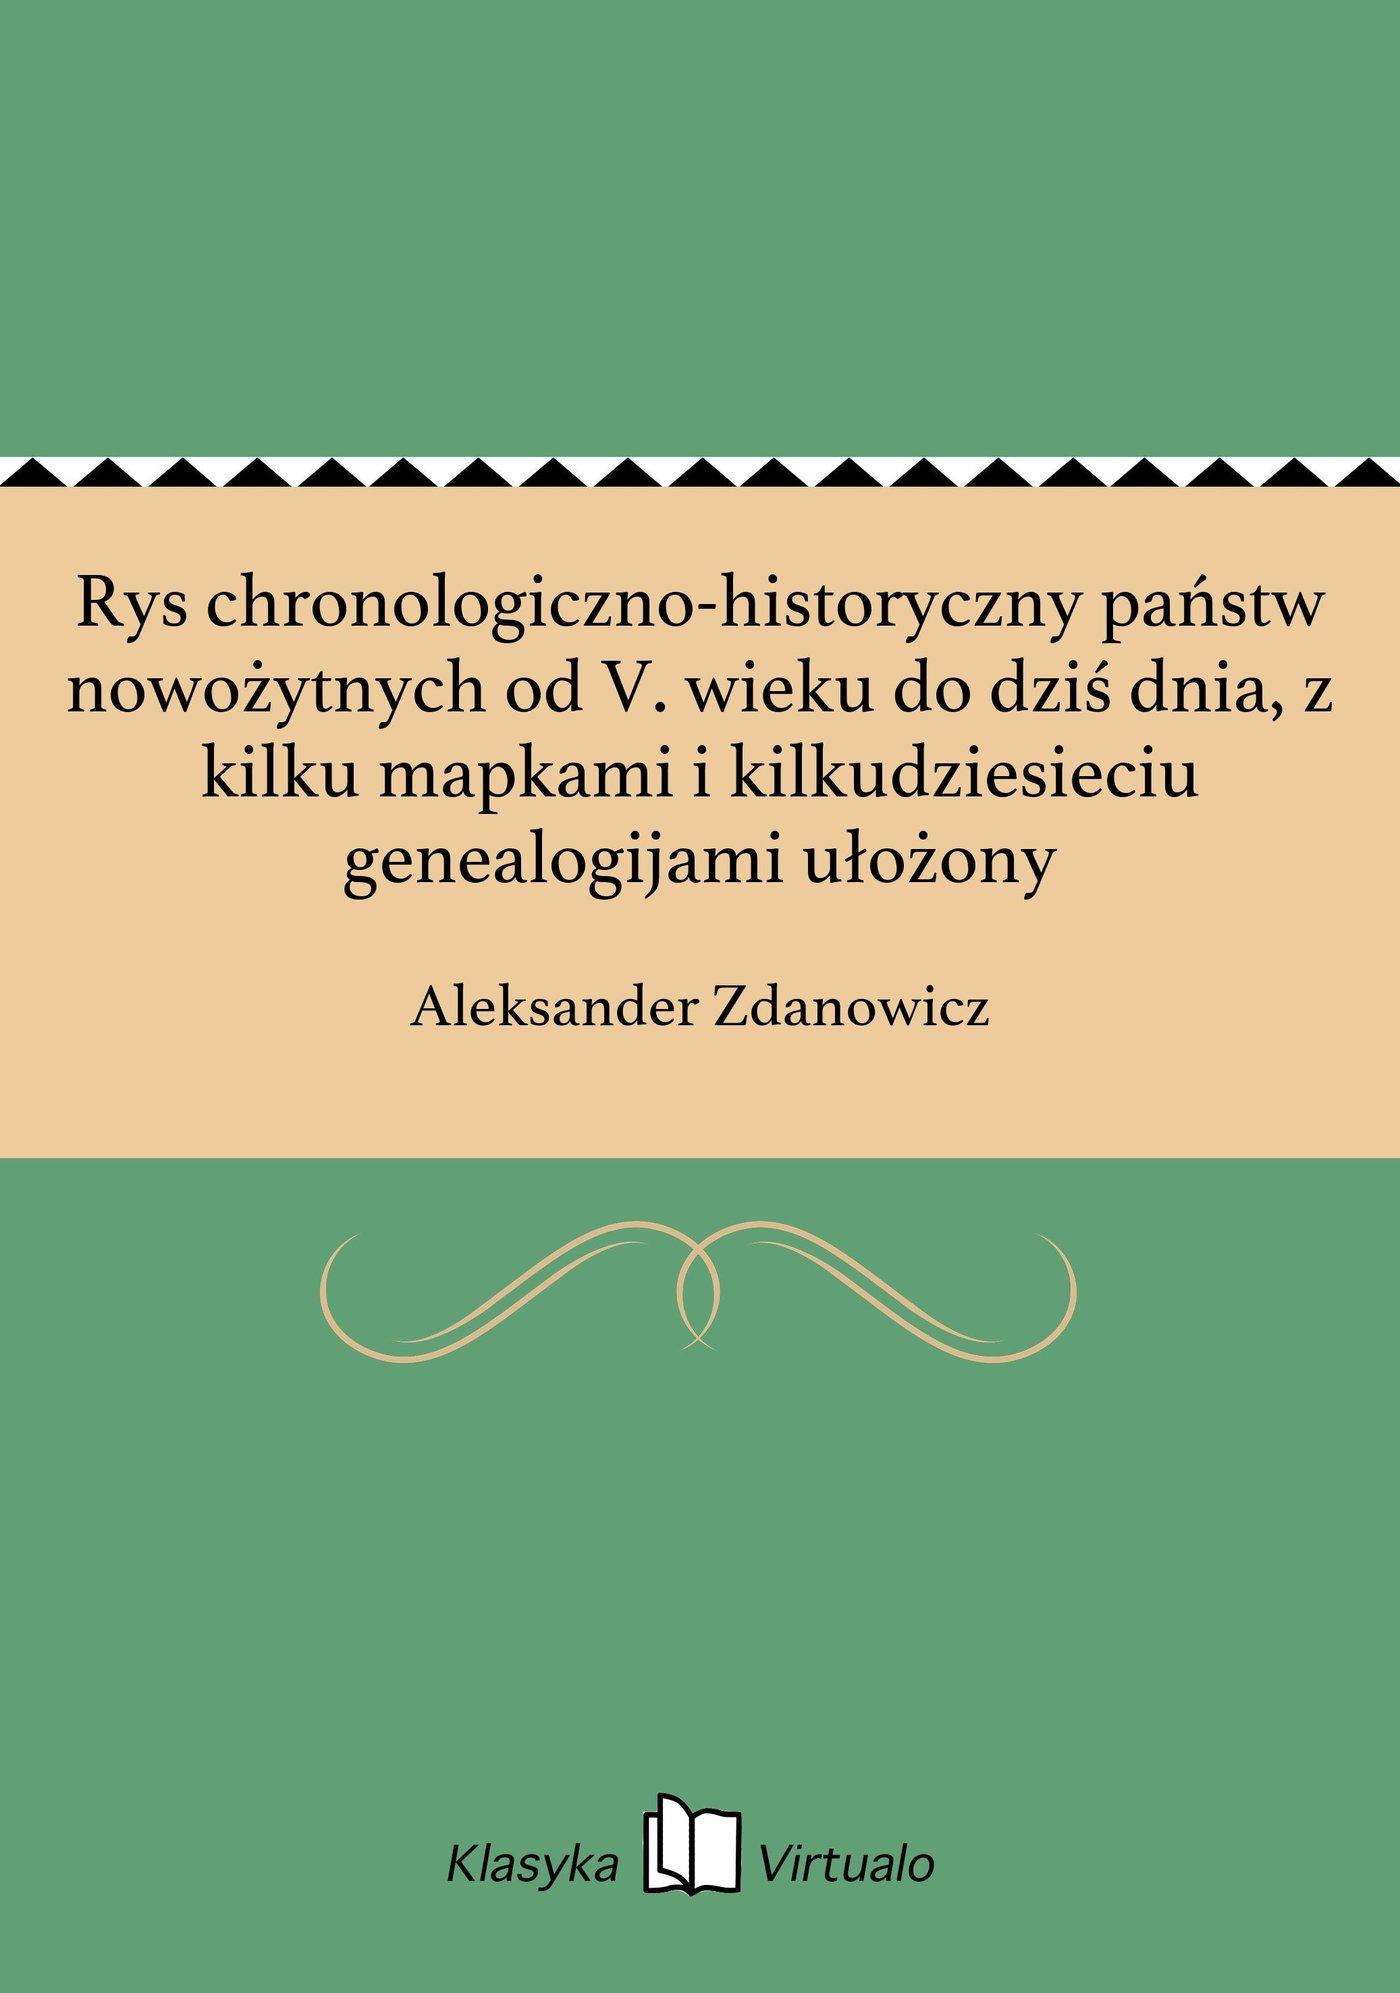 Rys chronologiczno-historyczny państw nowożytnych od V. wieku do dziś dnia, z kilku mapkami i kilkudziesieciu genealogijami ułożony - Ebook (Książka EPUB) do pobrania w formacie EPUB